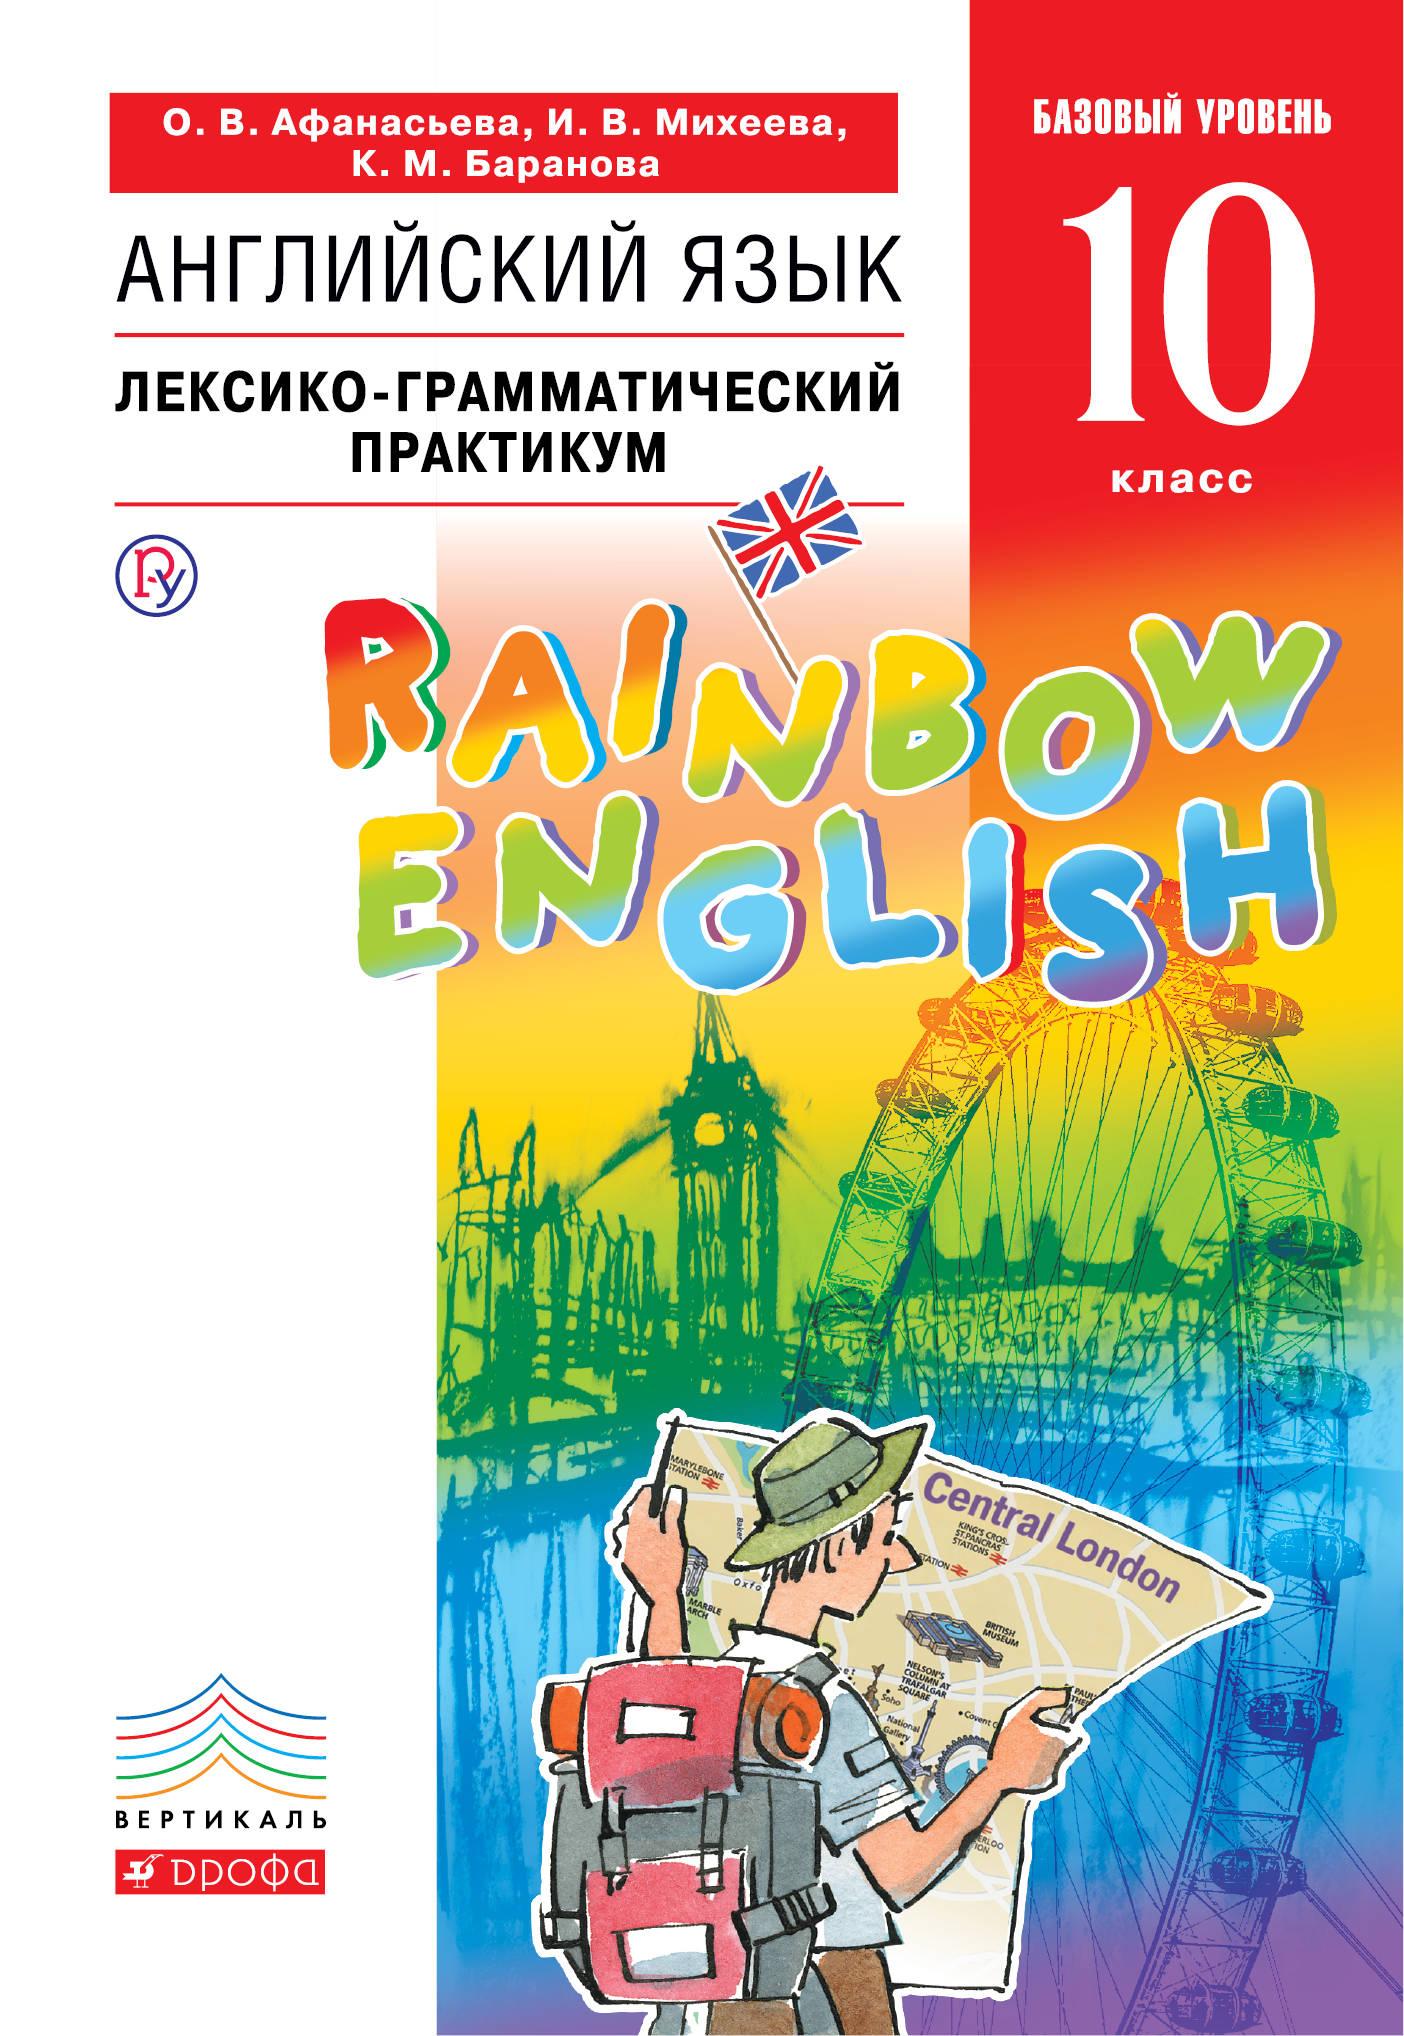 О. В. Афанасьева, И. В. Михеева, К. М. Баранова Английский язык. 10 класс. Базовый уровень. Лексико-грамматический практикум